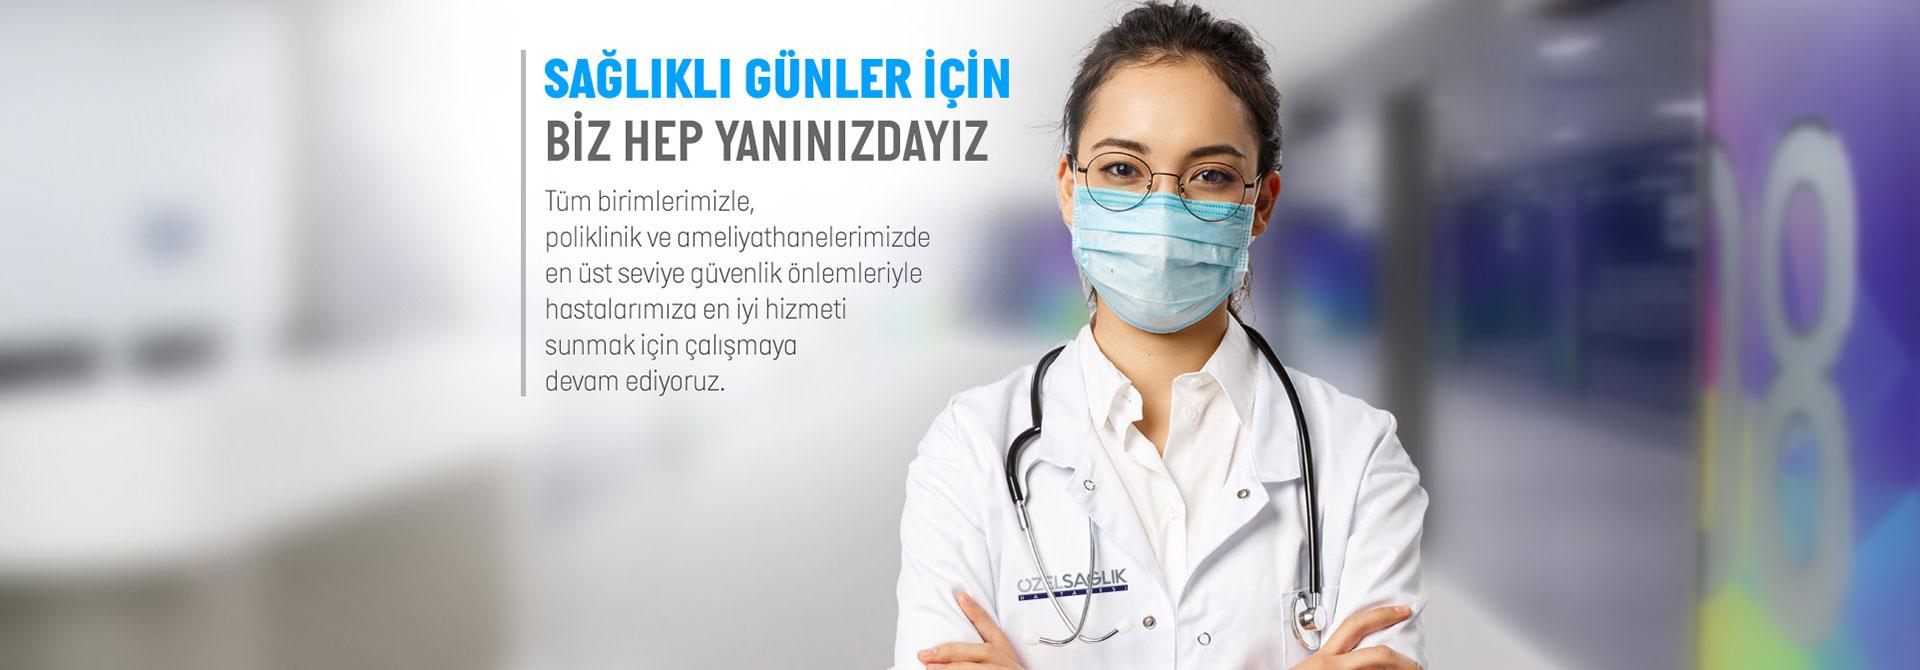 Özel Sağlık Hastanesi - Teknoloji ve Tecrübe Bir Arada